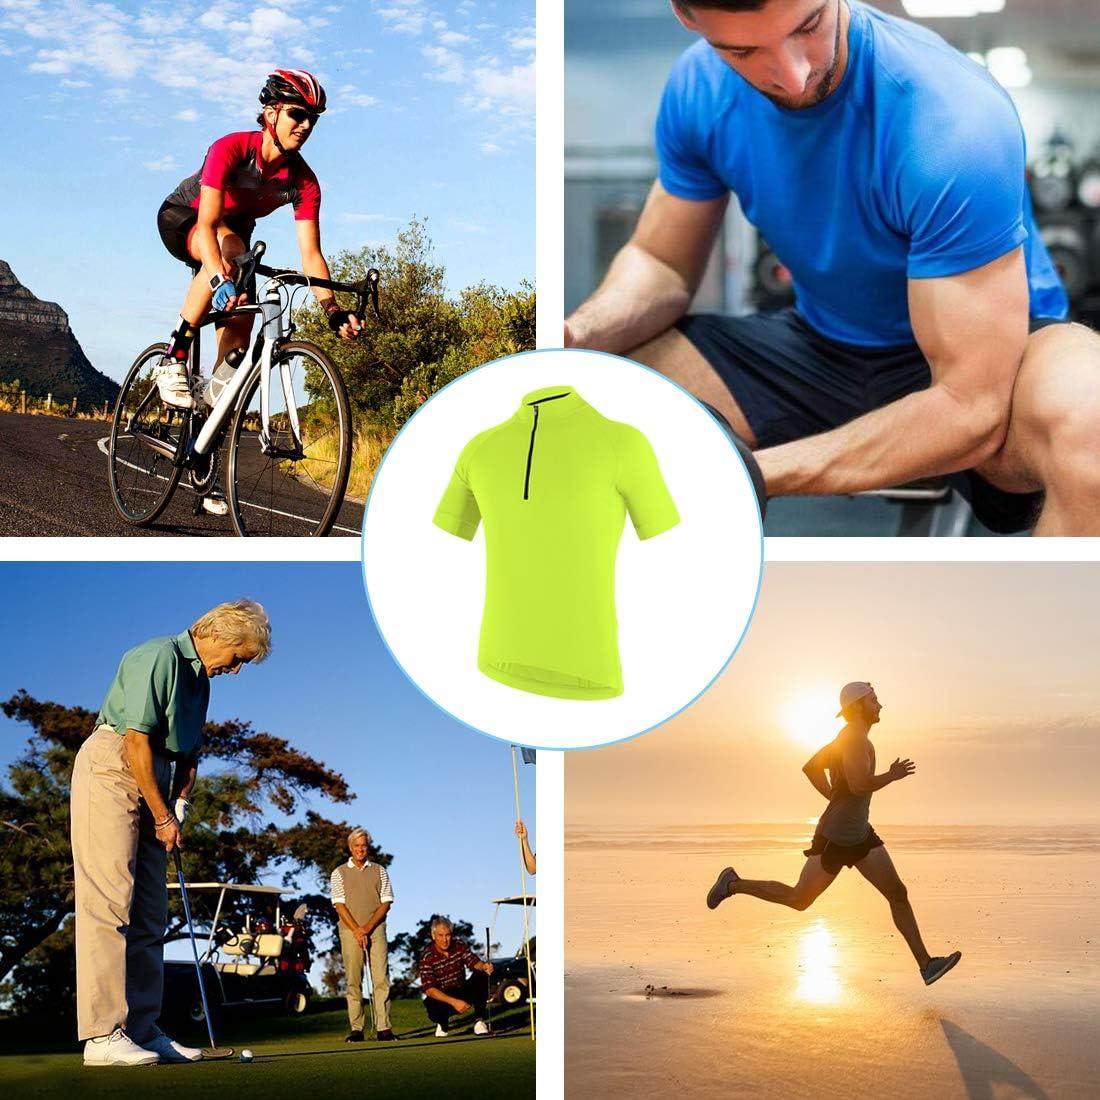 CATENA Womens Cycling Jersey Short Sleeve Shirt Running Top Moisture Wicking Workout Sports T-Shirt